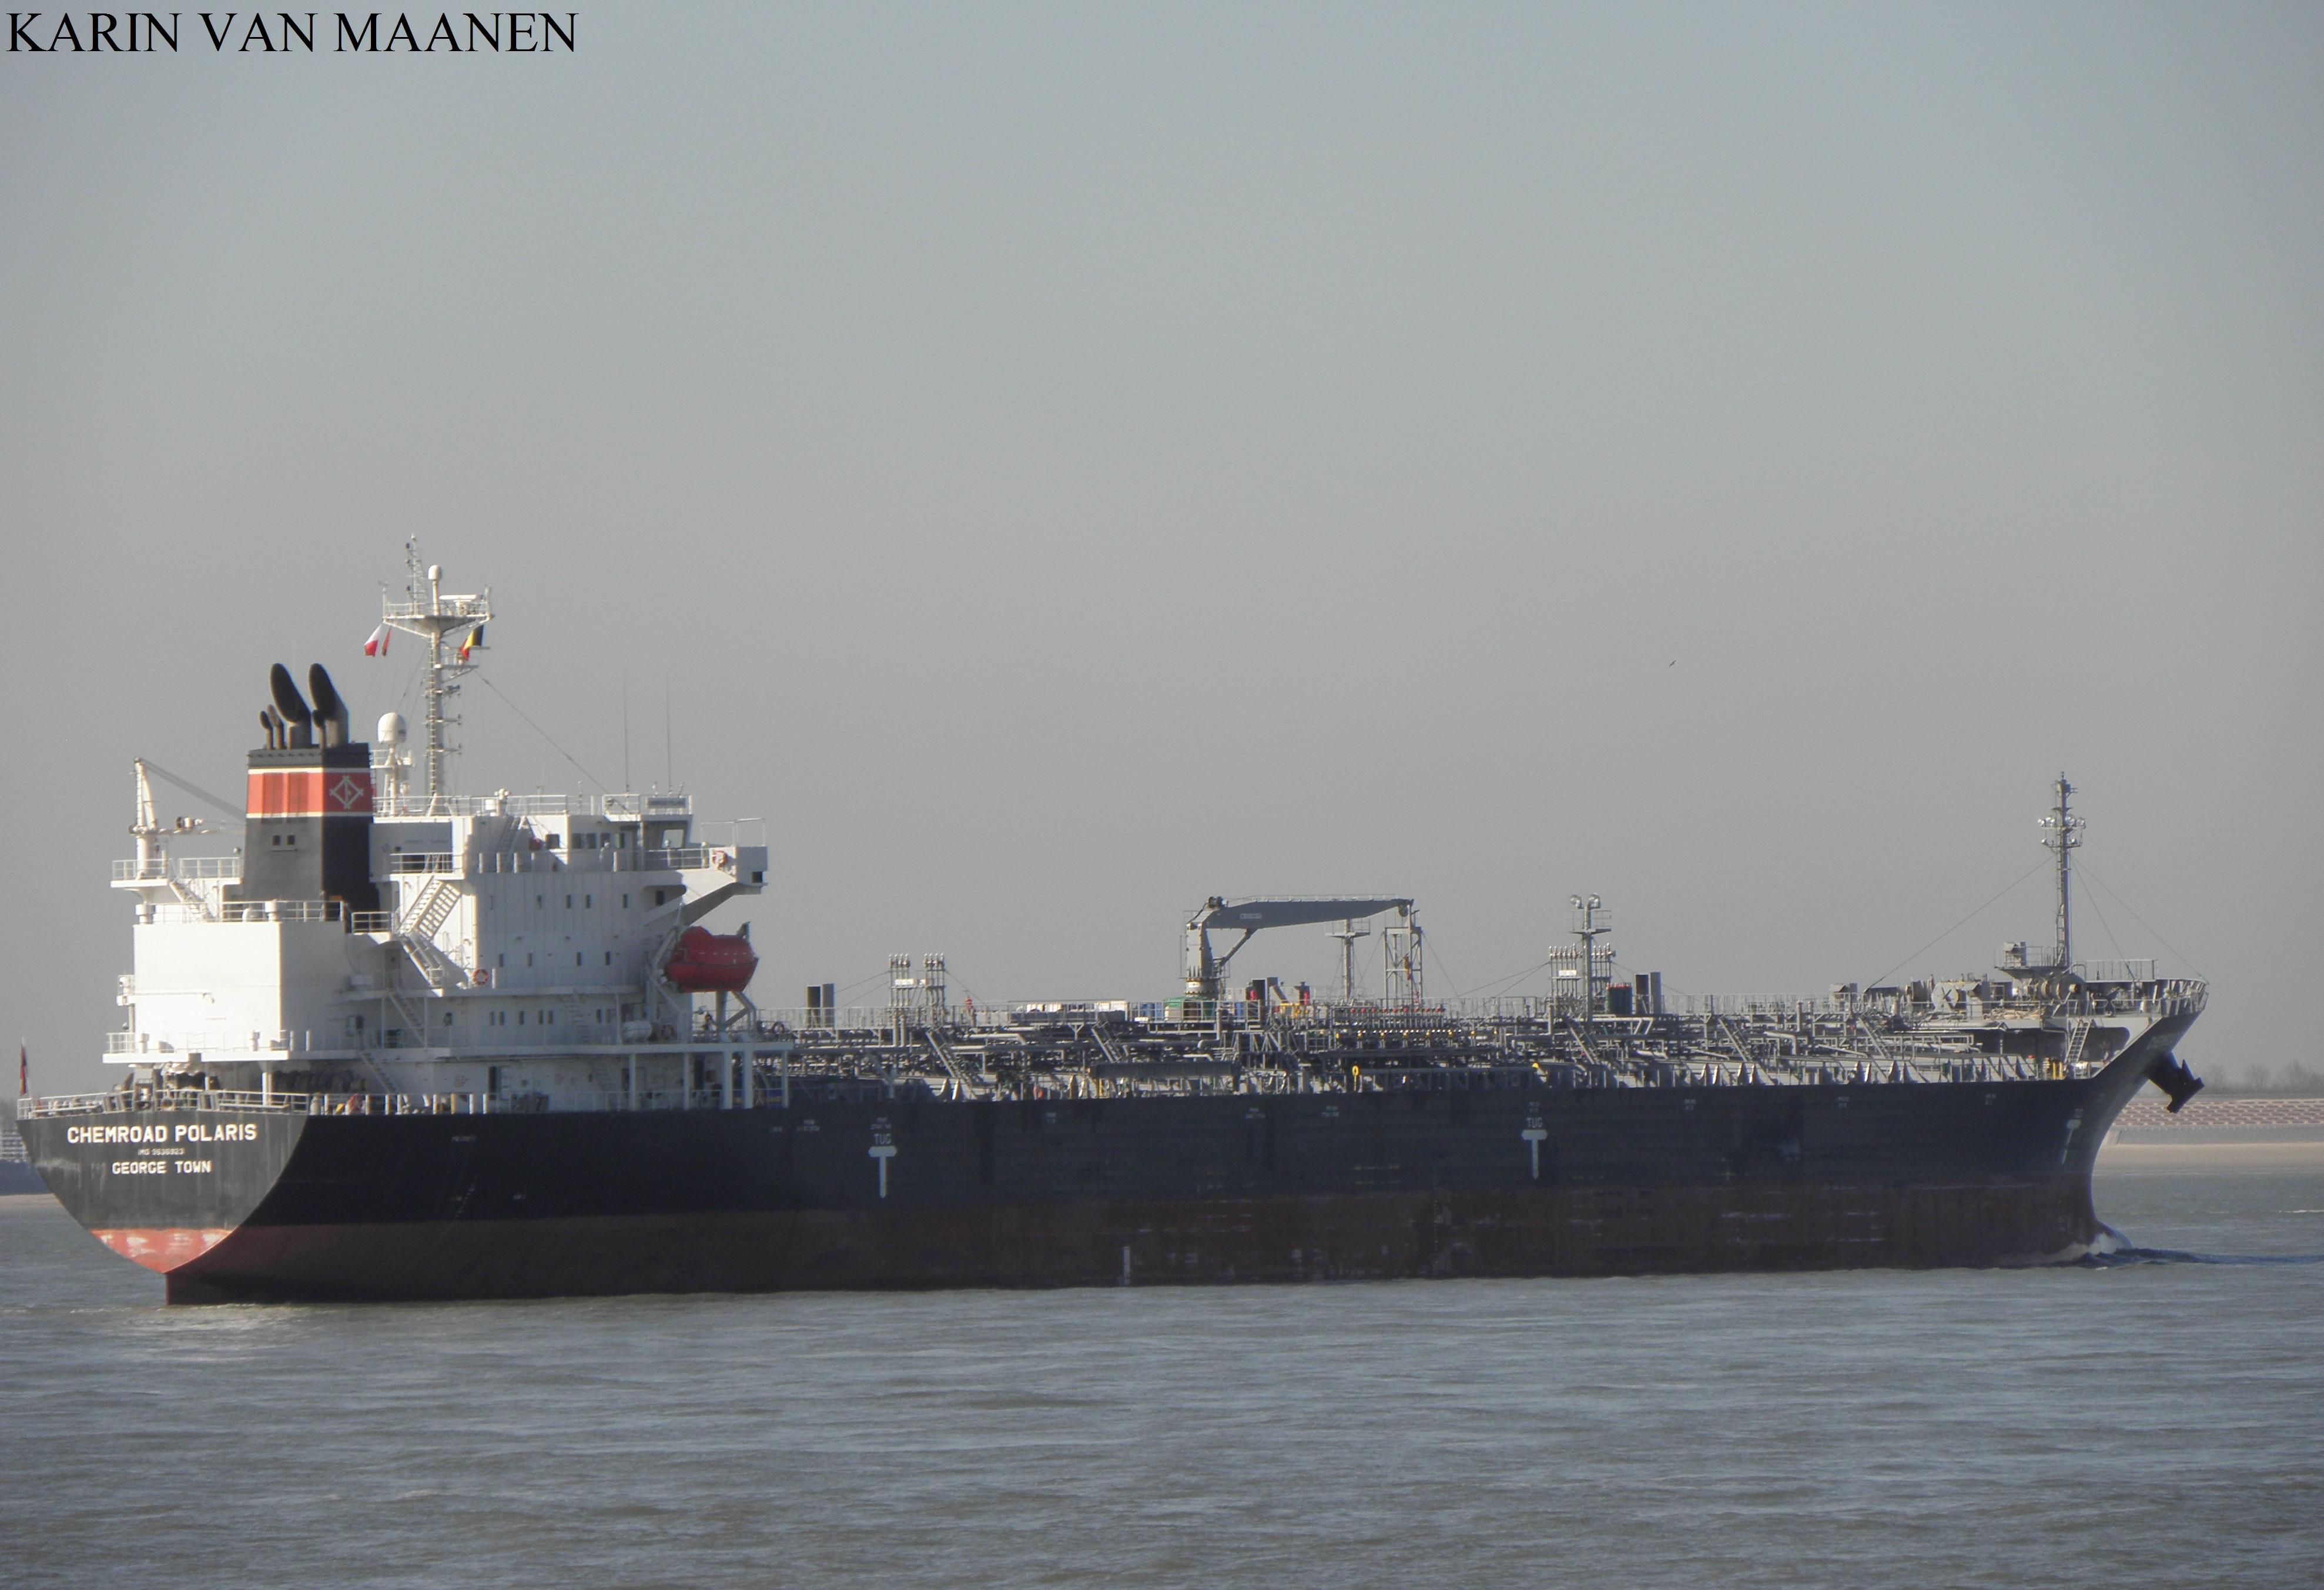 warshipsresearch japanese tanker chemroad polaris 2014. Black Bedroom Furniture Sets. Home Design Ideas